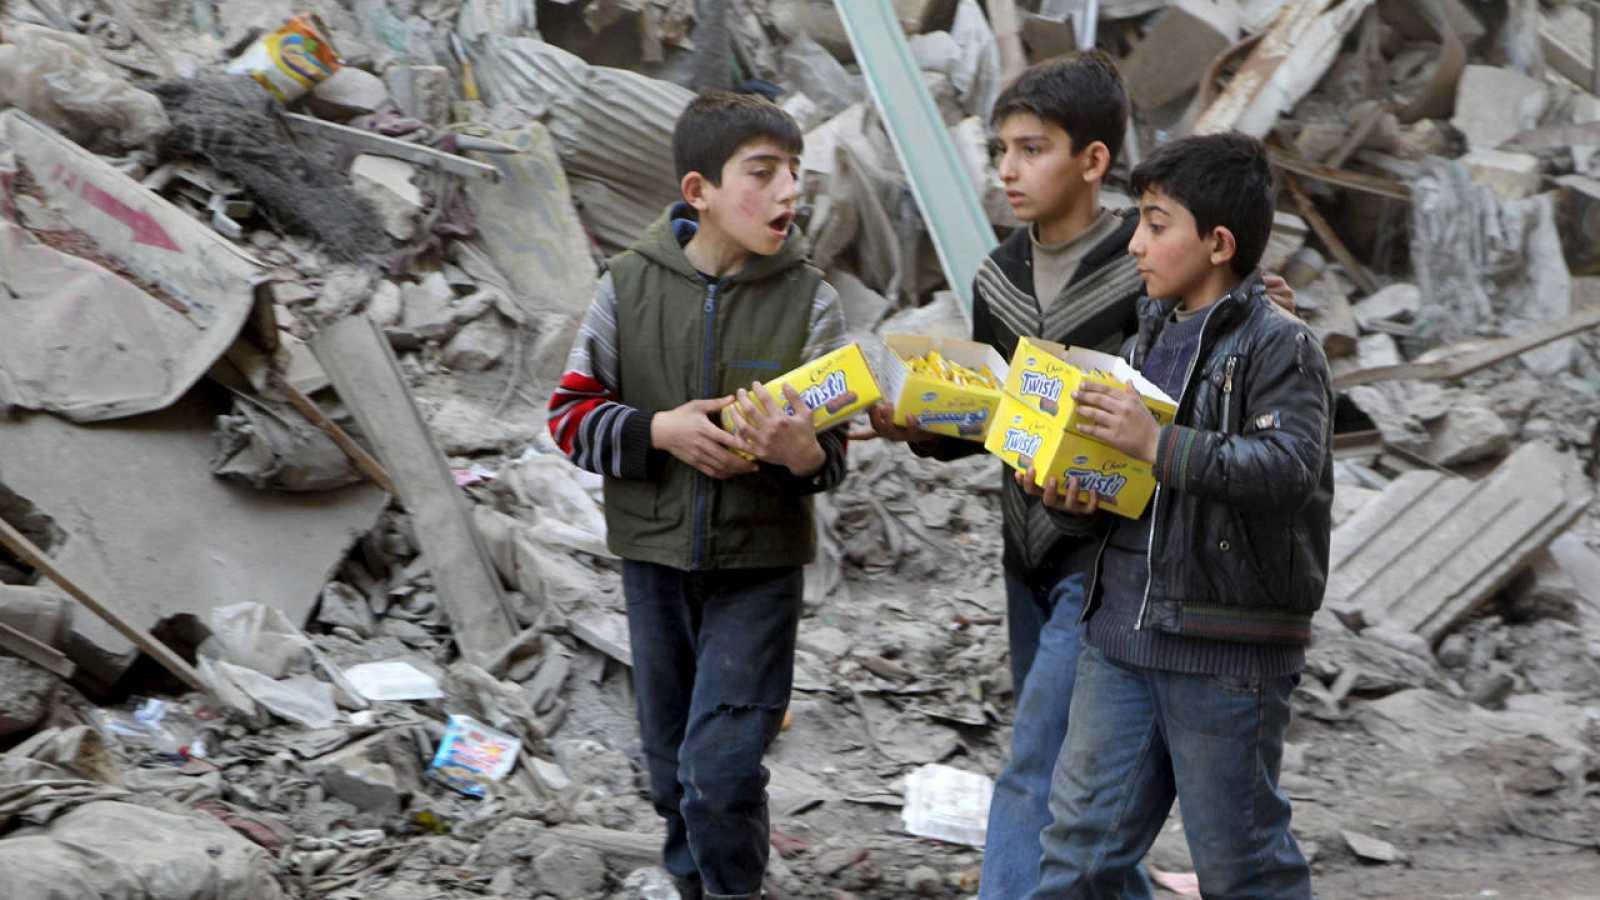 Niños sirios llevan cajas de galletas junto a las ruinas de un edificio en Alepo